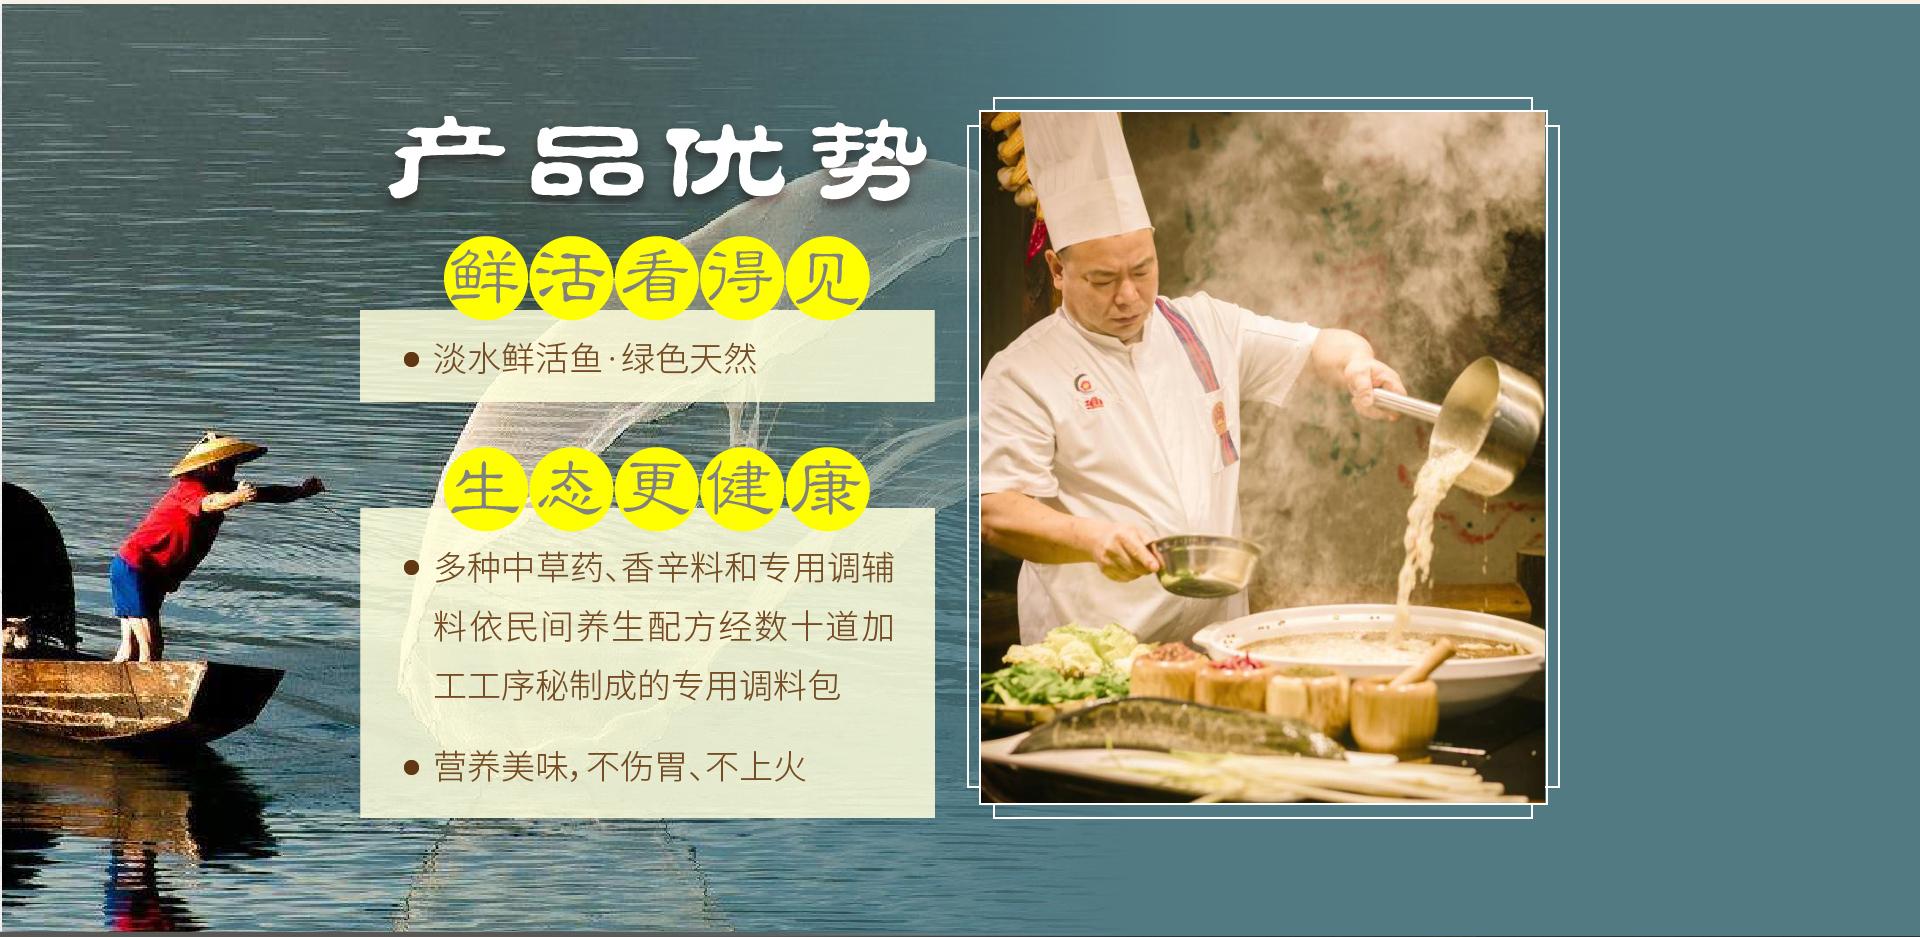 小渔棠鱼火锅xyt_07